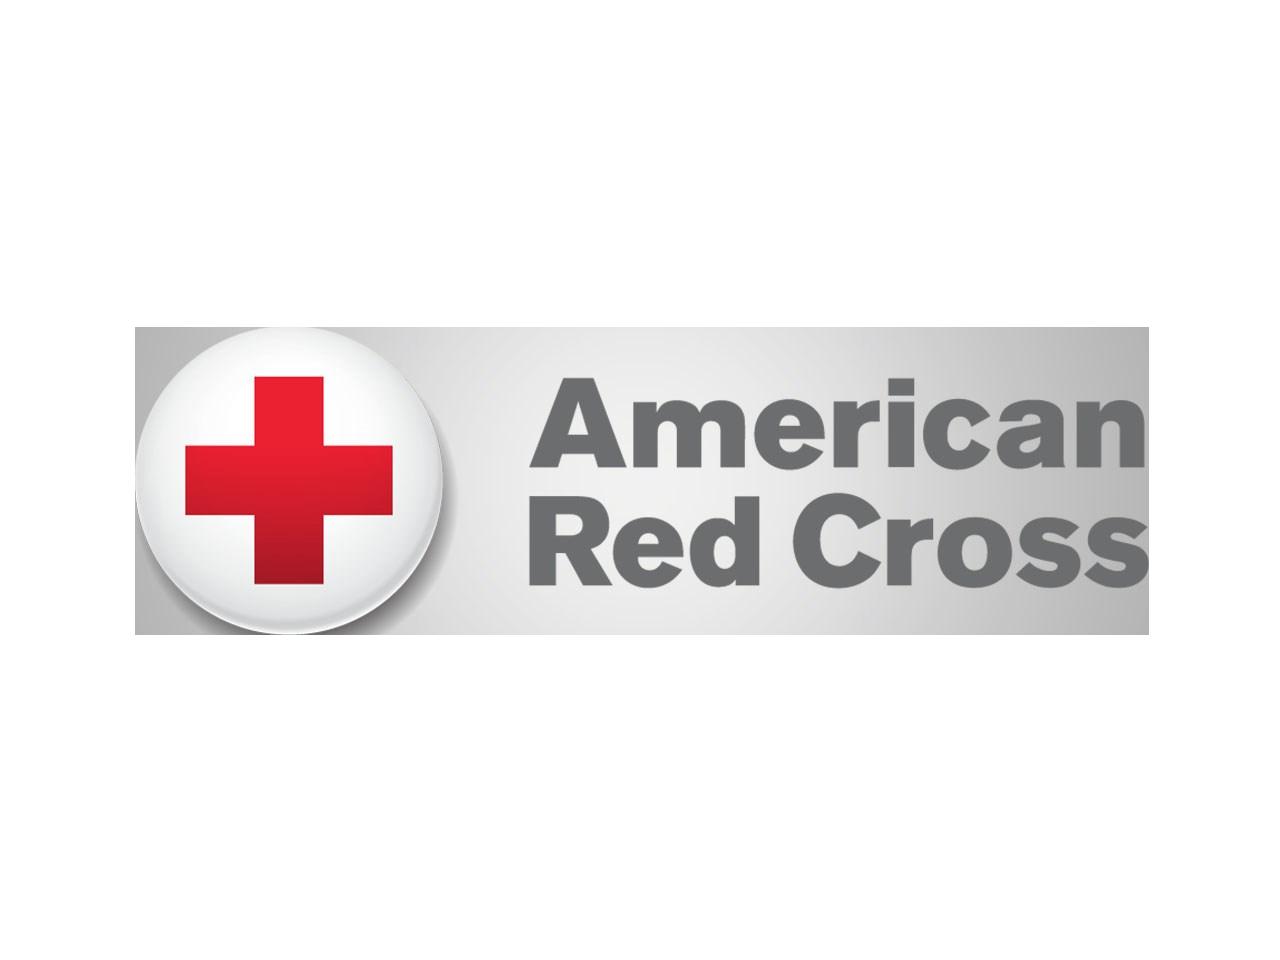 red cross_1542171292668.png.jpg